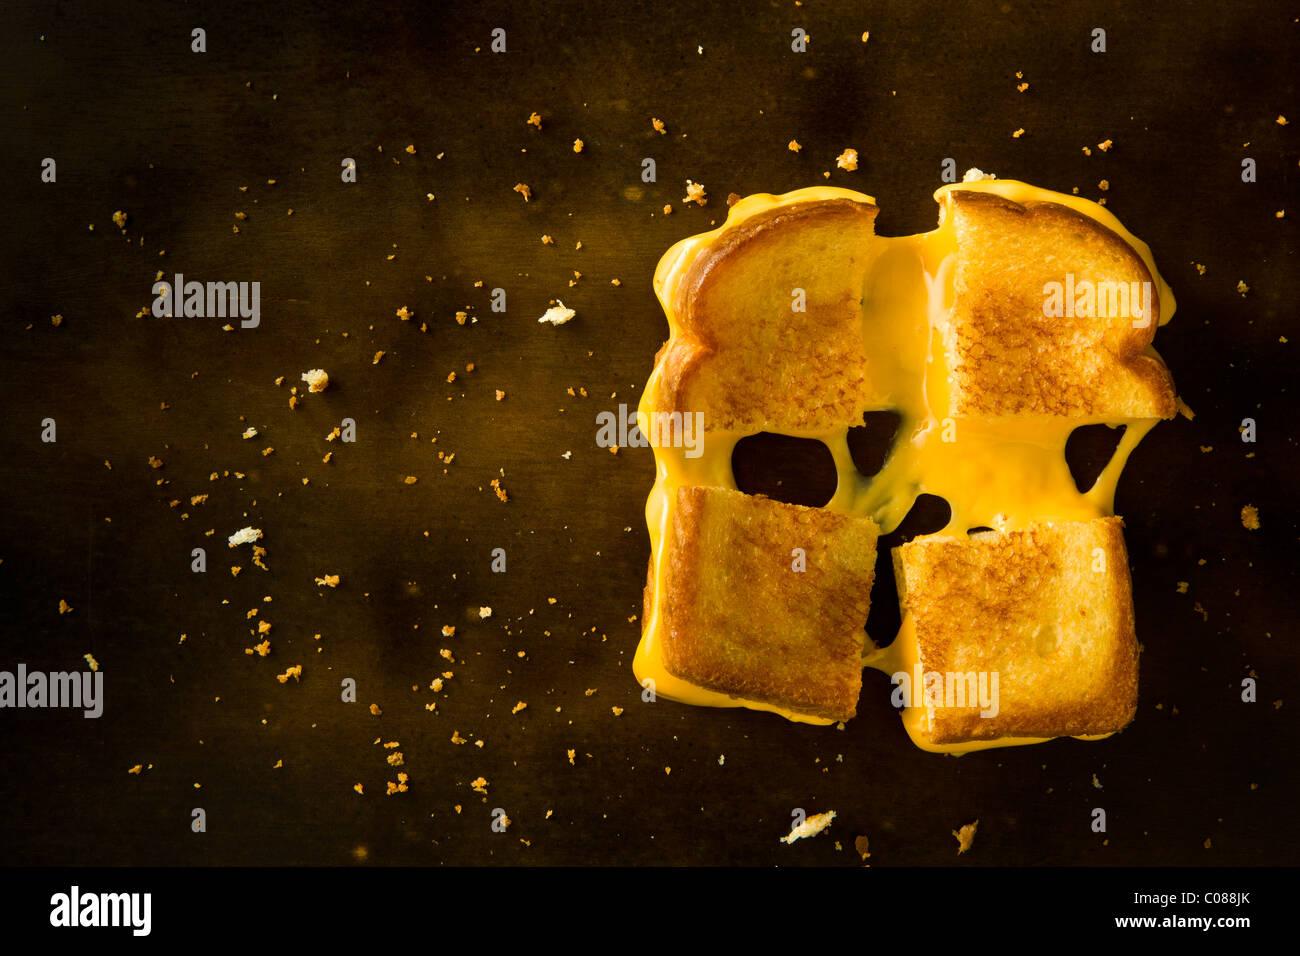 Ein gegrilltes Käsesandwich schneiden Sie in vier Quadrate ziehen den Käse auf einem Holztisch Stockbild